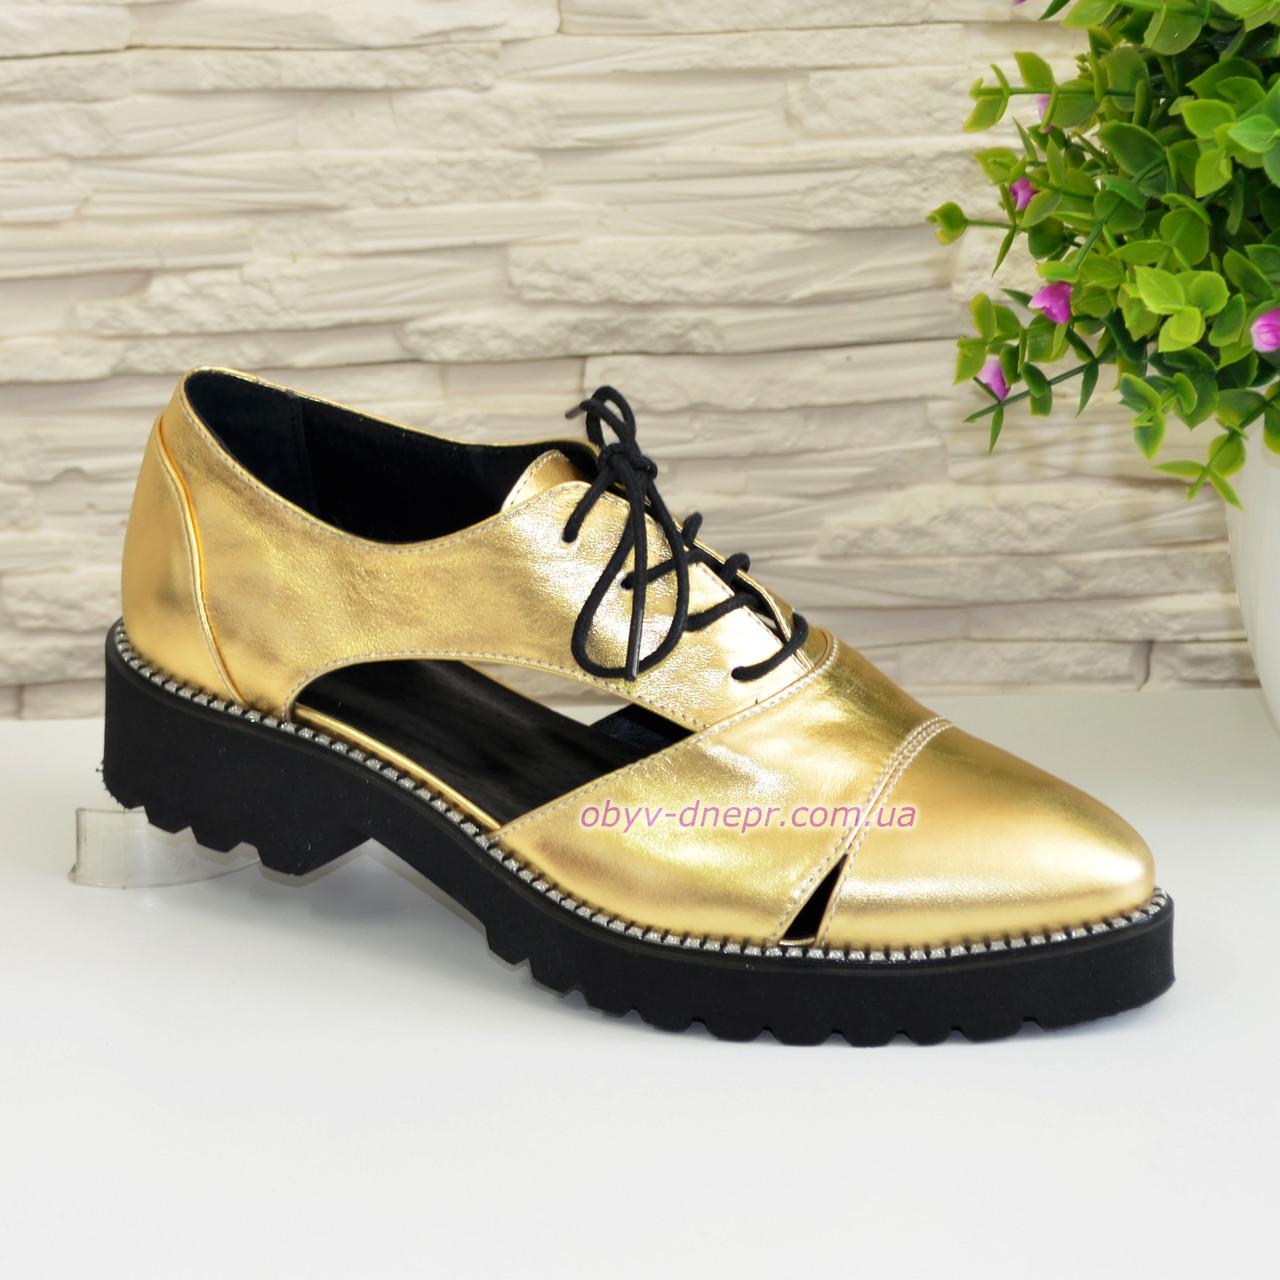 Кожаные туфли женские на утолщенной подошве, цвет золото, фото 1